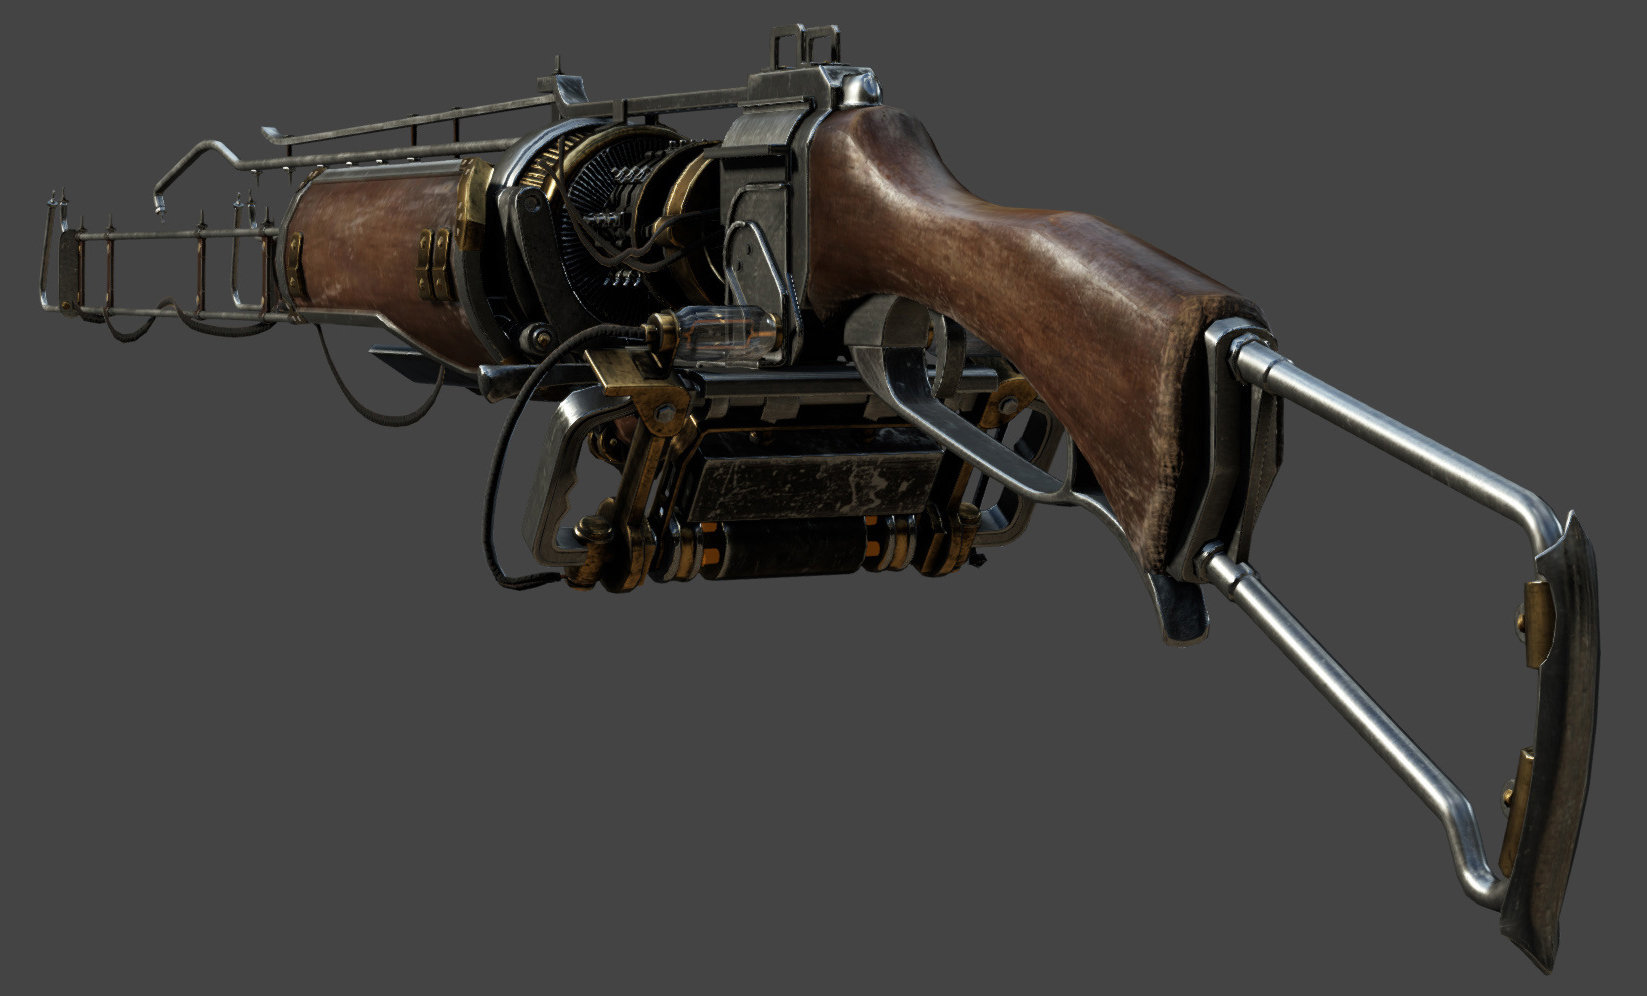 Yibing Jiang Shading And Texturing For Arc Gun The